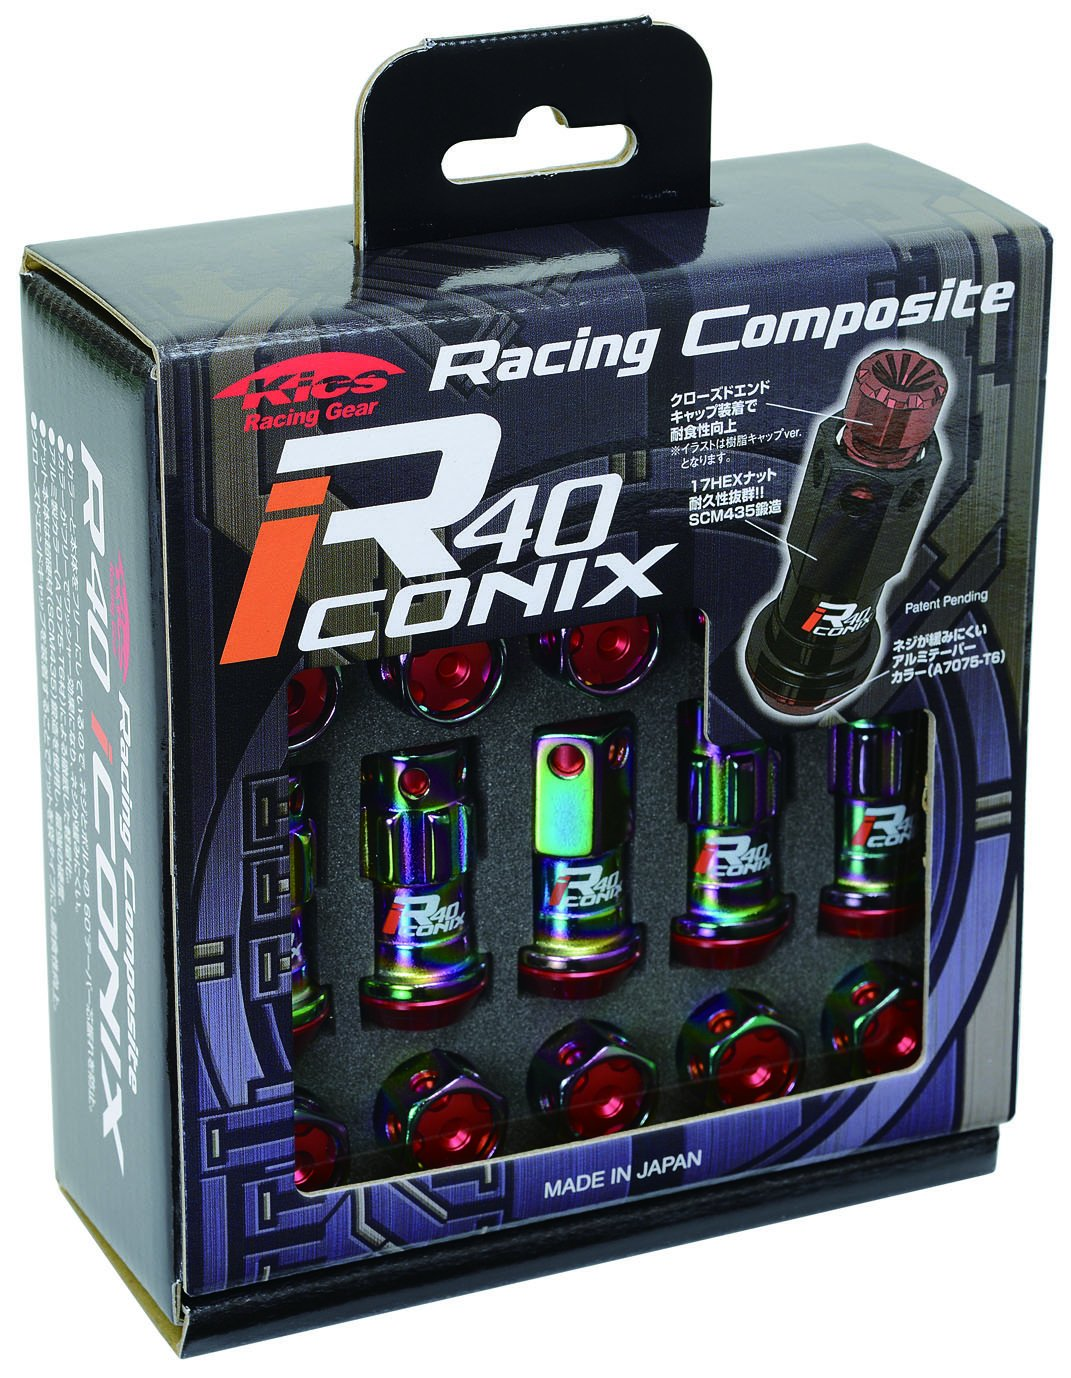 KYO-EI (協永産業) ホイールロック&ナット Racing Composite R40 iCONIX 【 M12 x P1.25 】 アルミキャップ付 【 ネオクロ/ブラック 】 RIA-13NK B00OYSJWN0